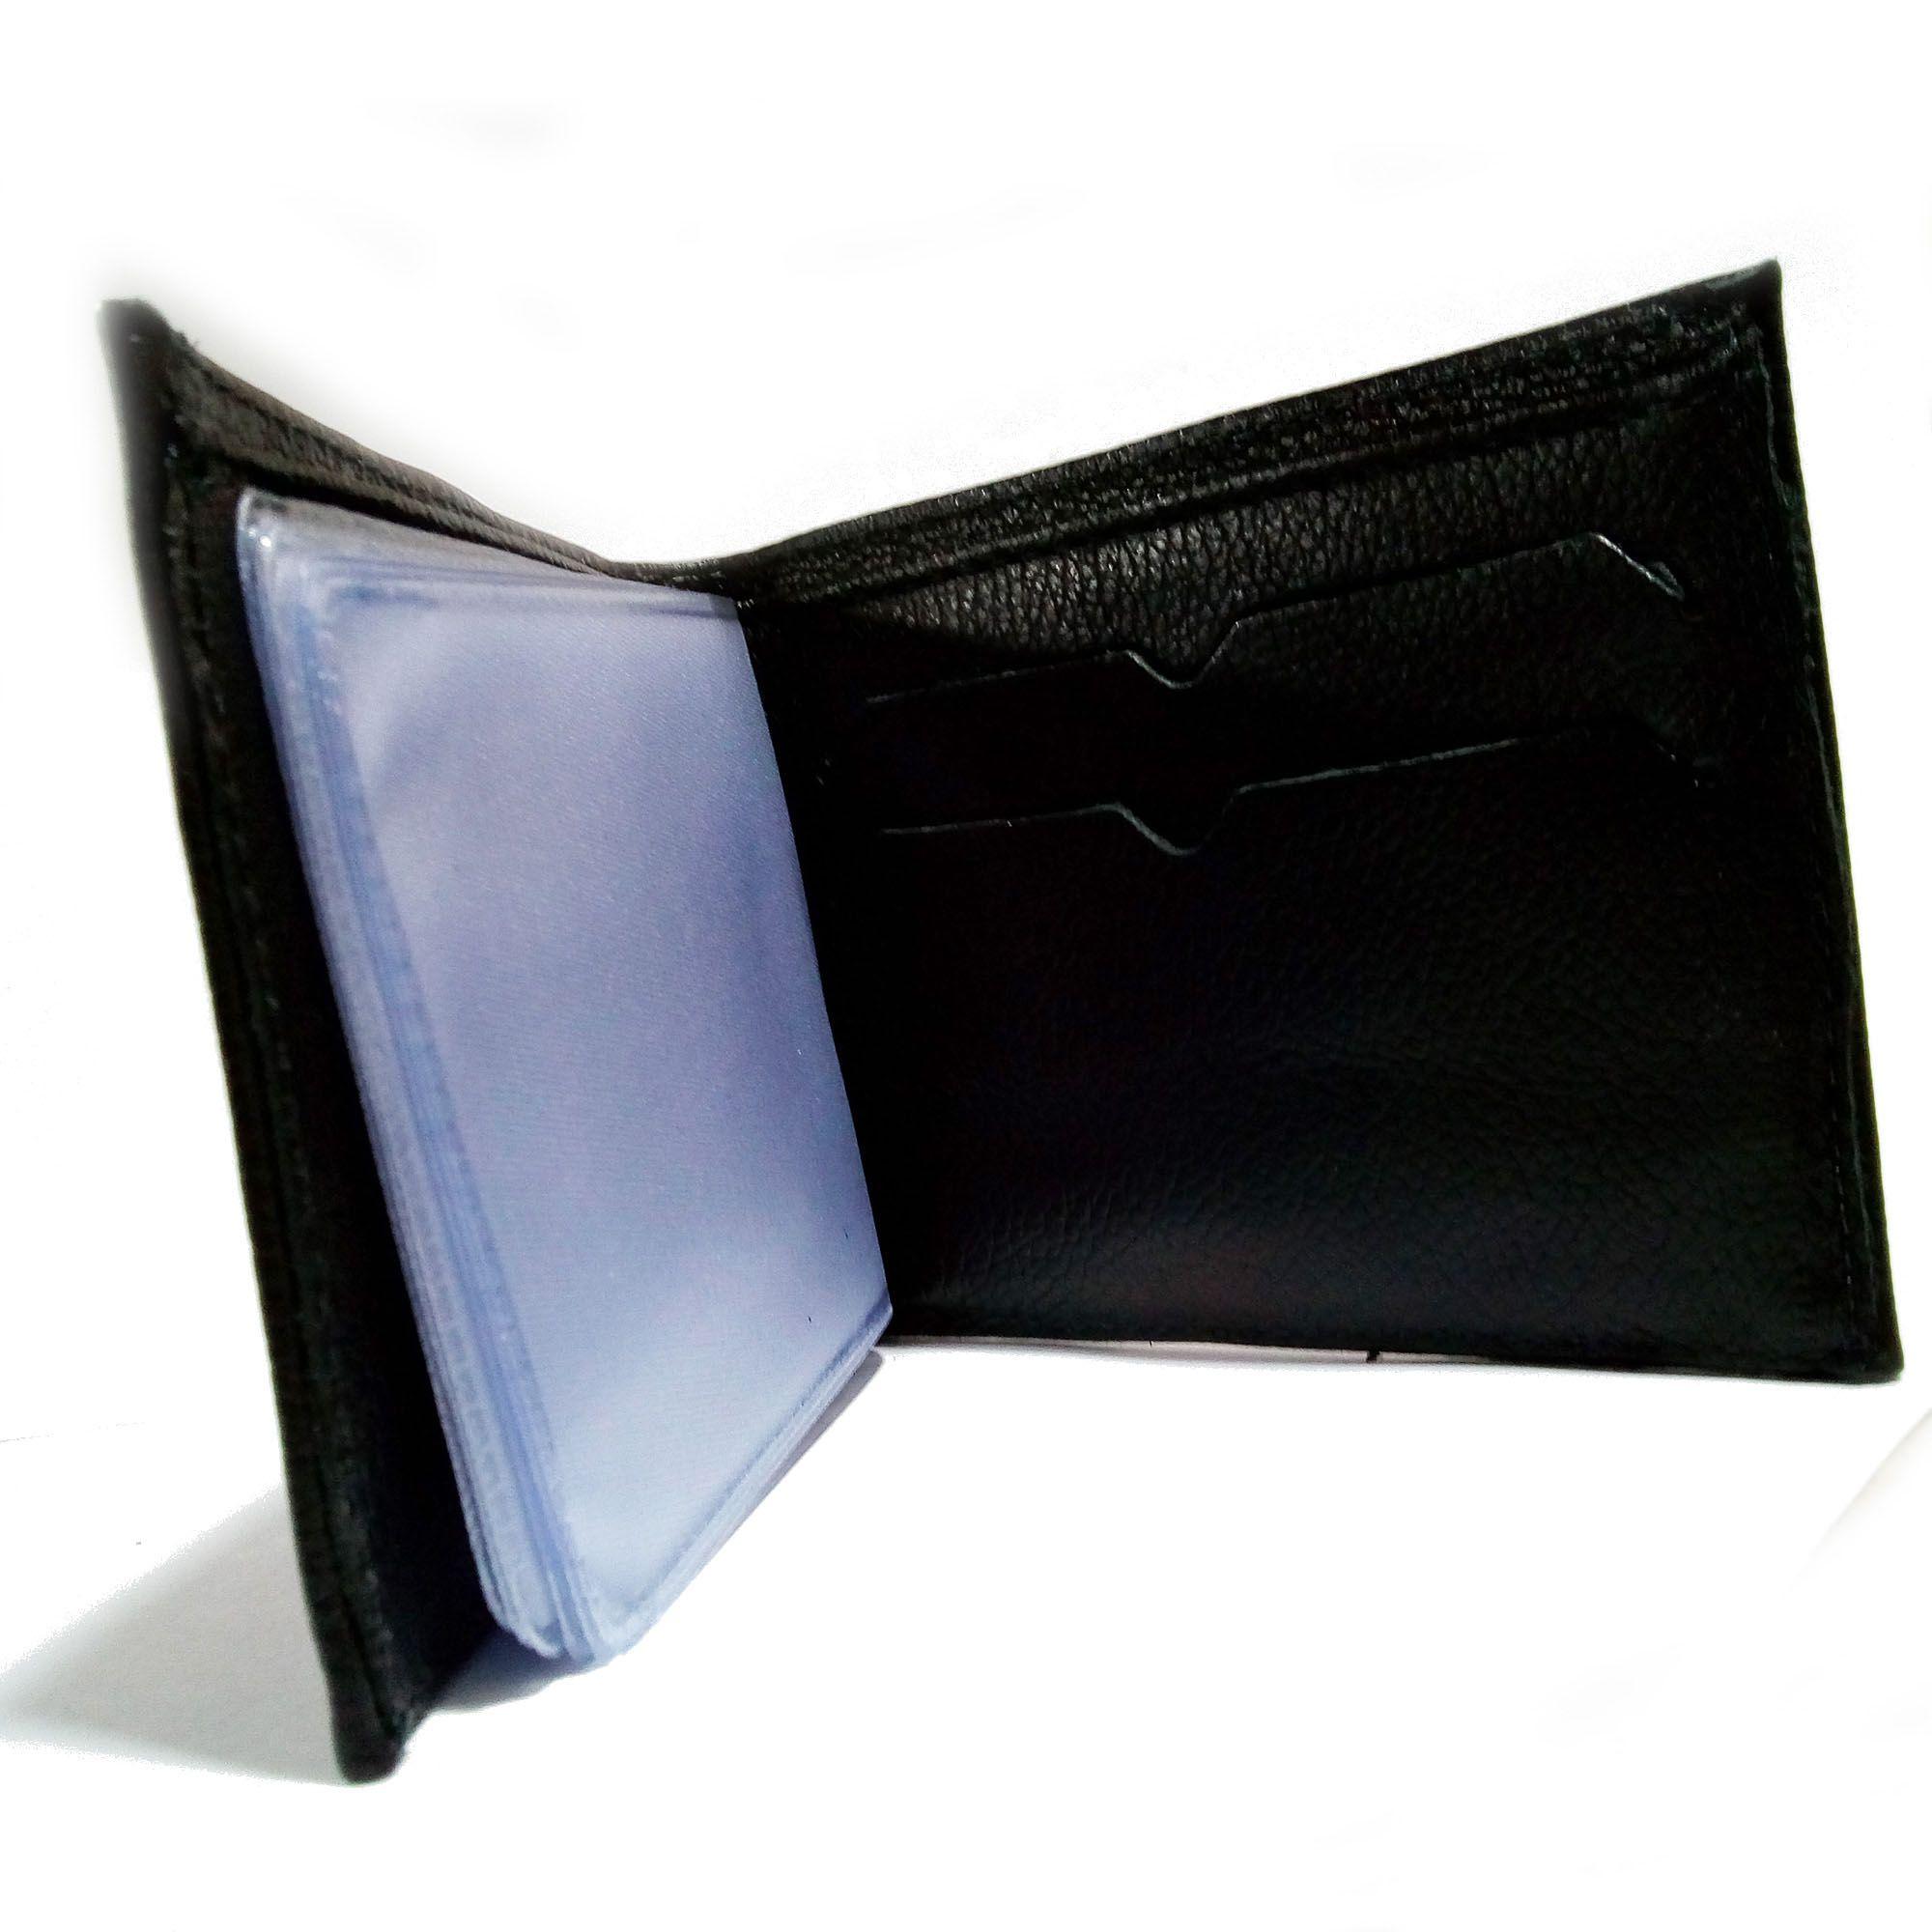 Carteira masculina de couro kit  com 10 peças - valor de atacado